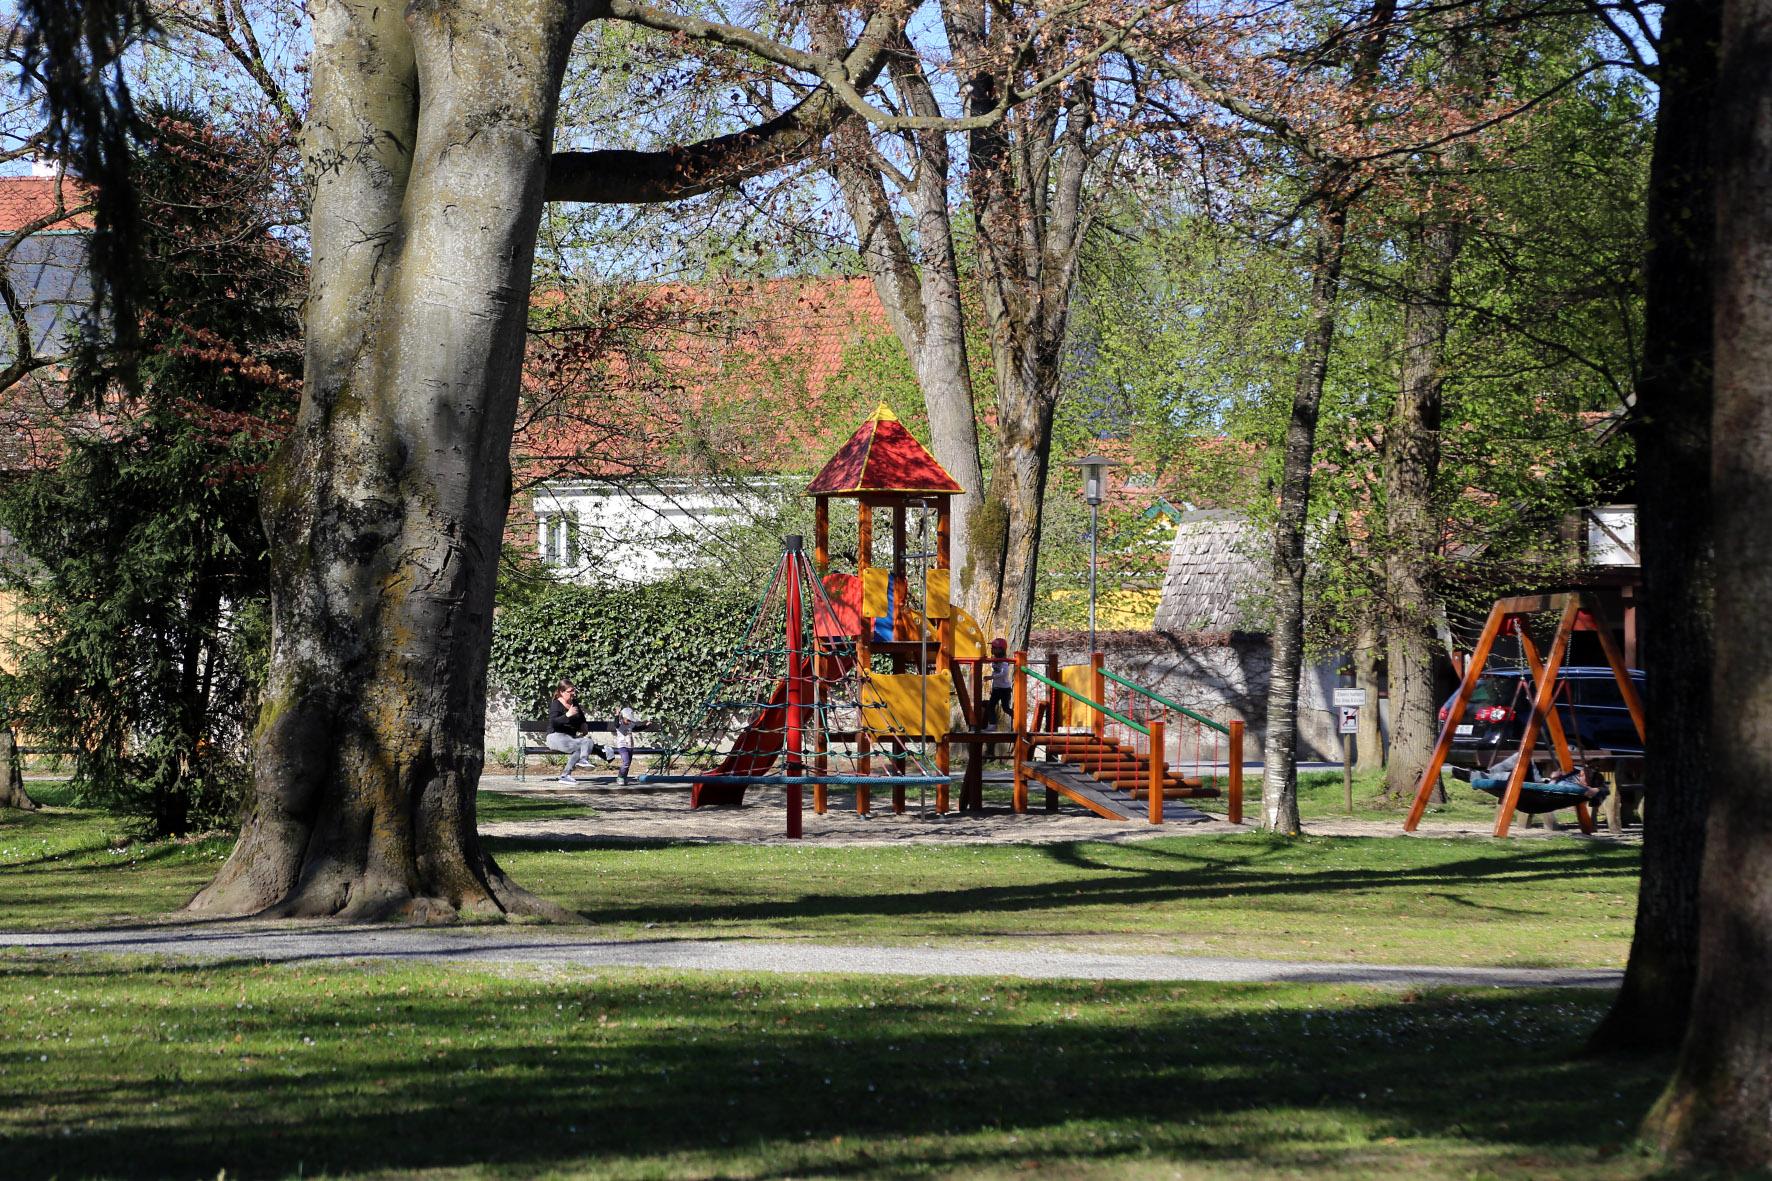 Park Spielplatz